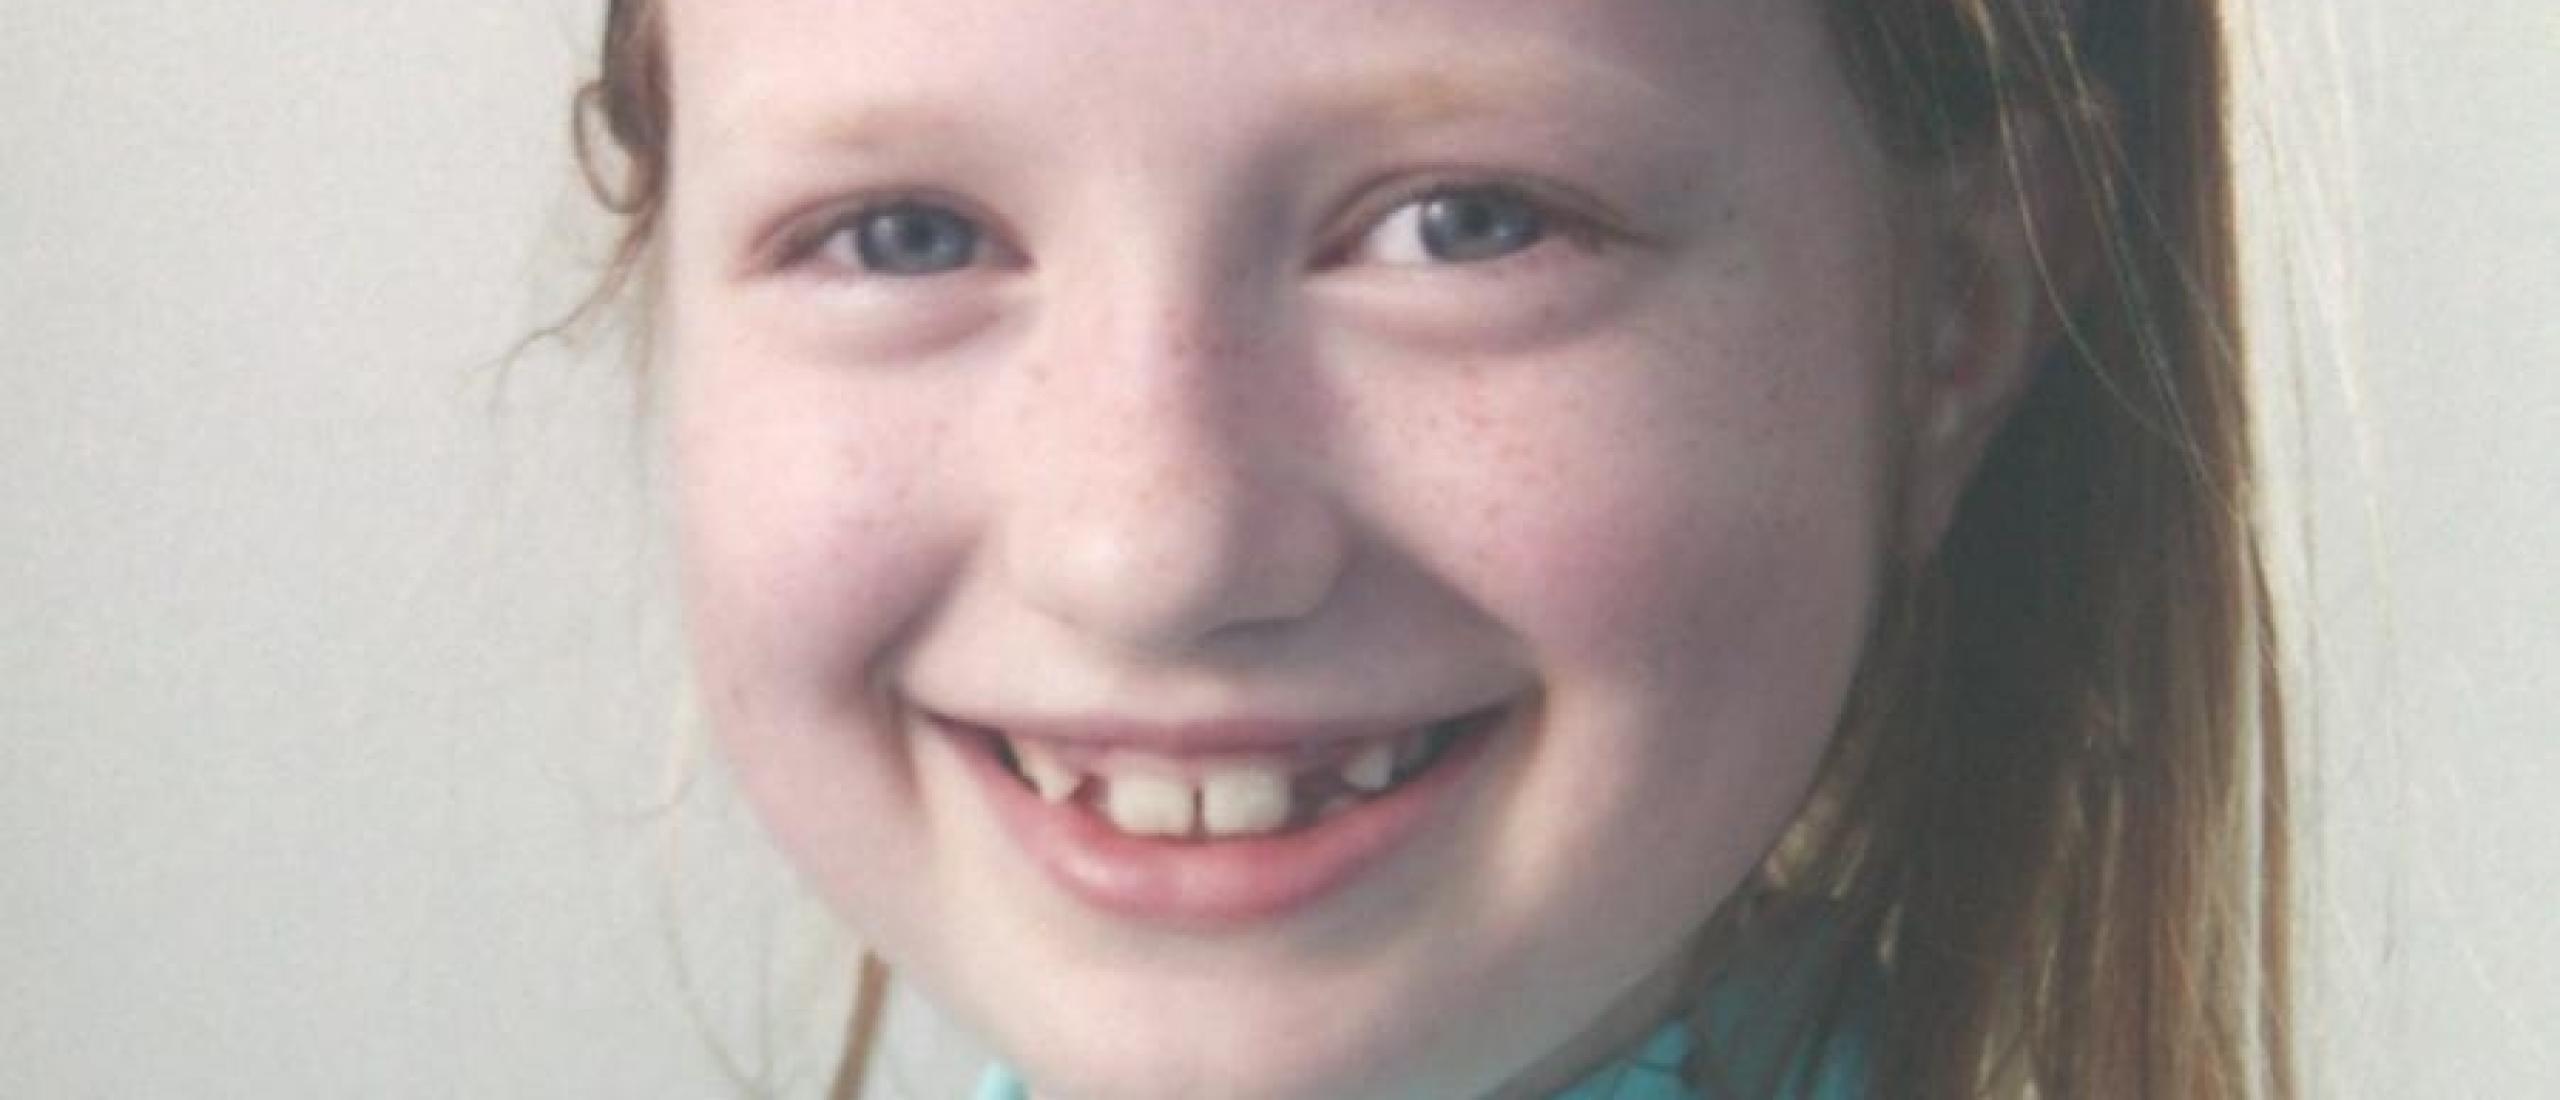 De kindertijd van Evie - 9 jaar